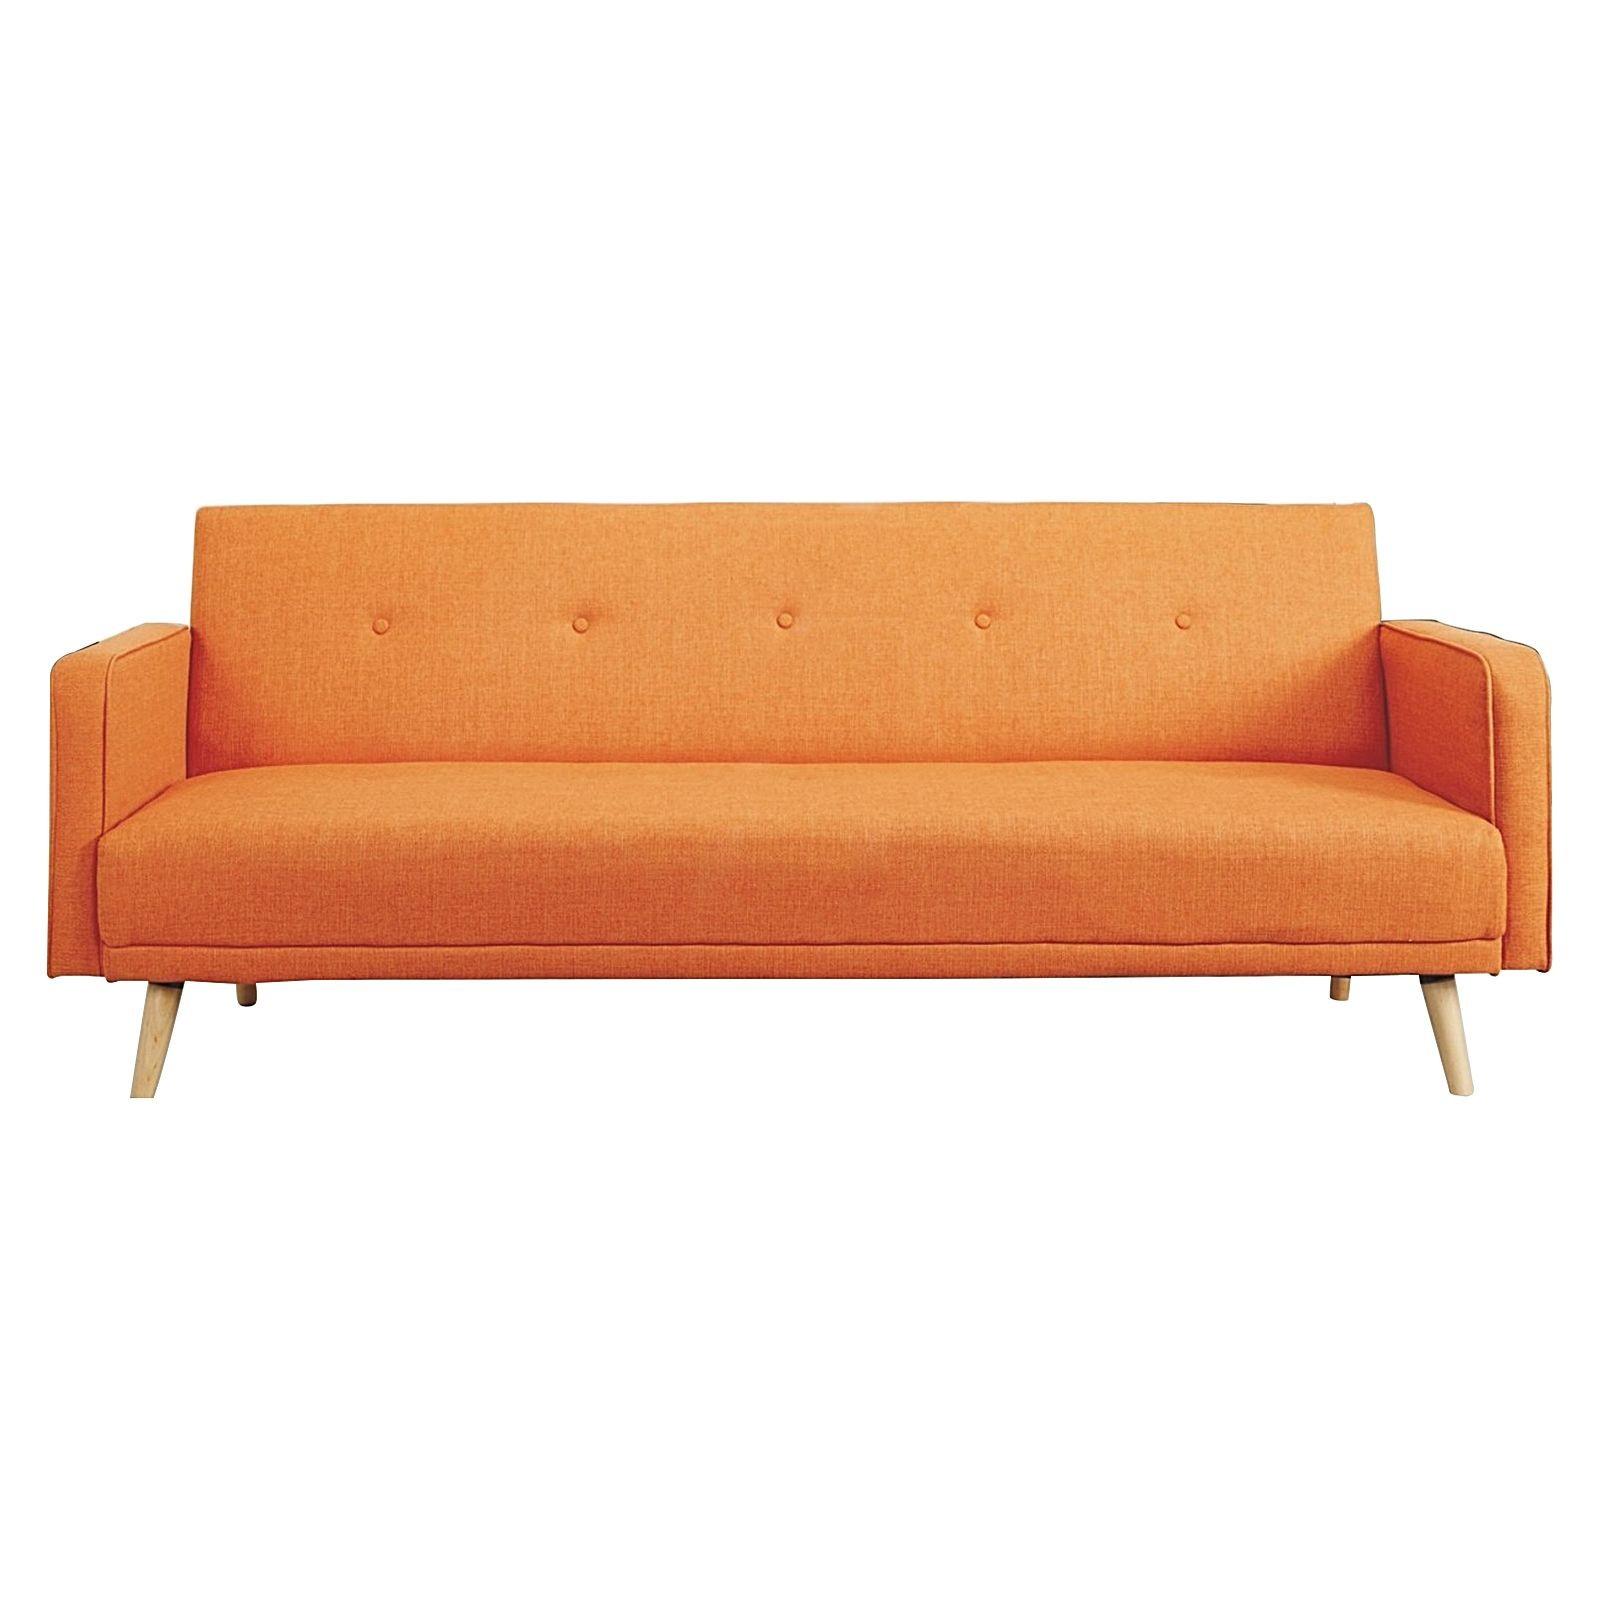 New klink click clack sofa ebay - Sofa click clack ...